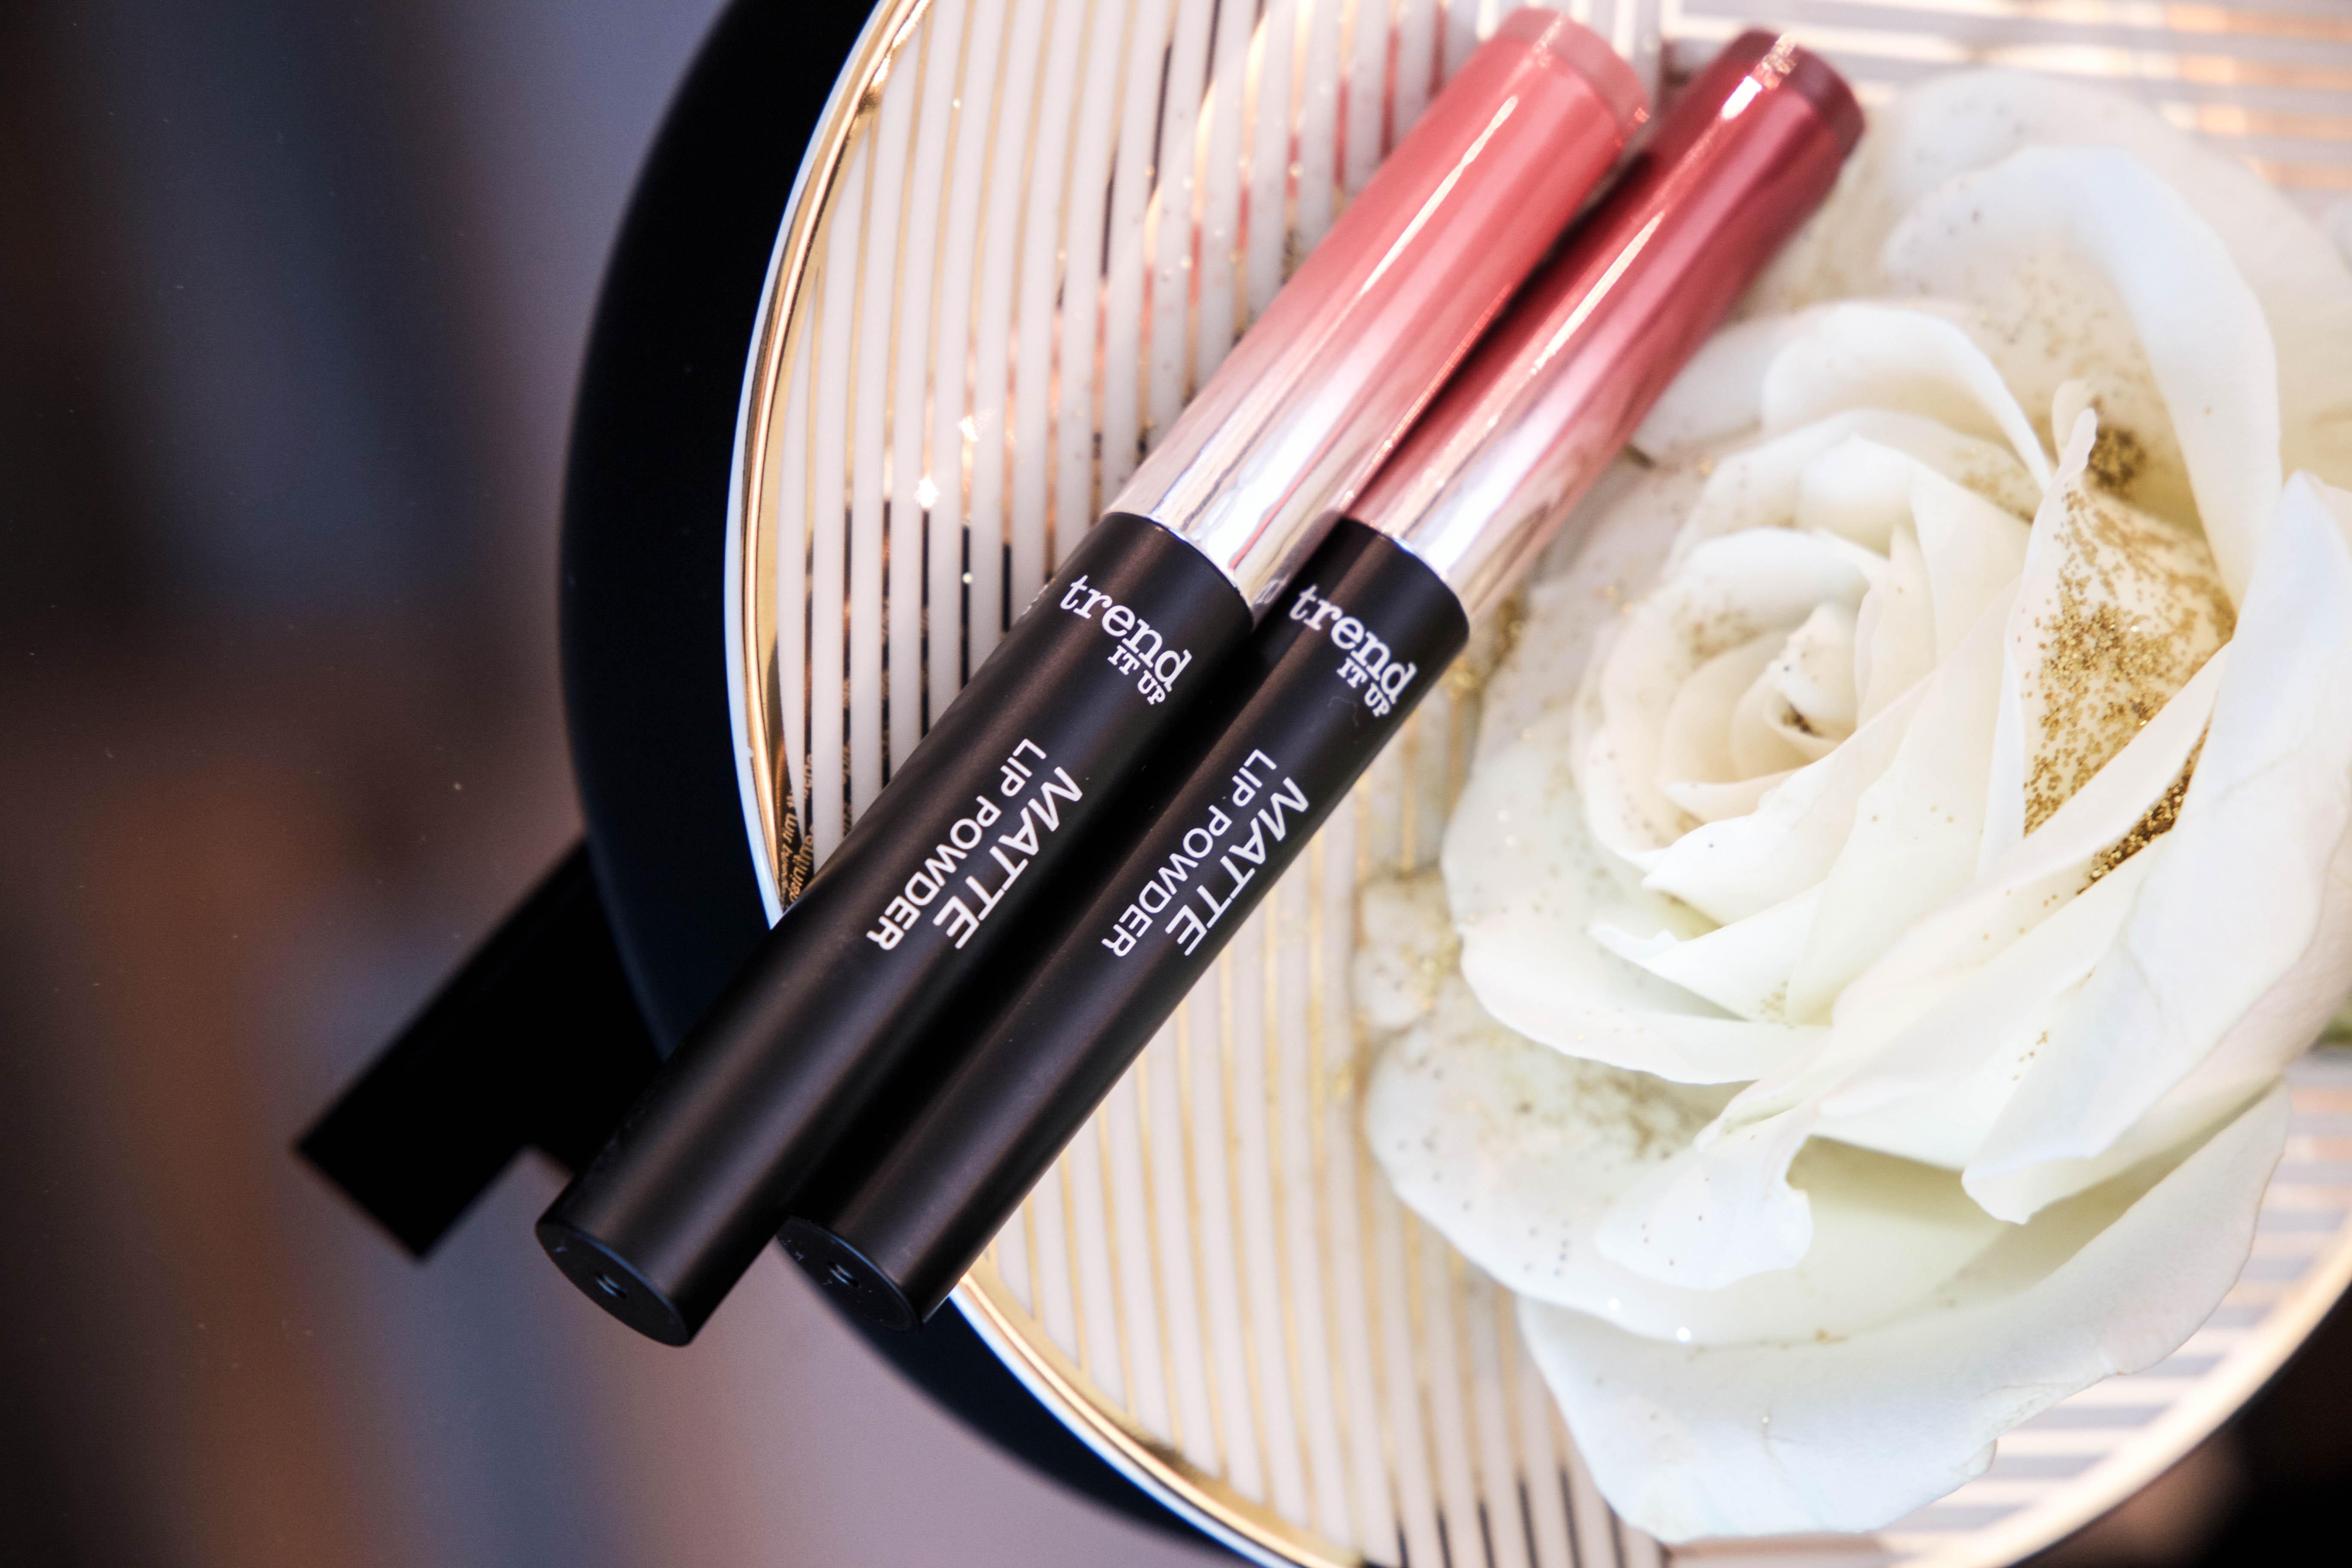 dm-trend-it-up-neuheiten-beauty-make-up-muc_5333